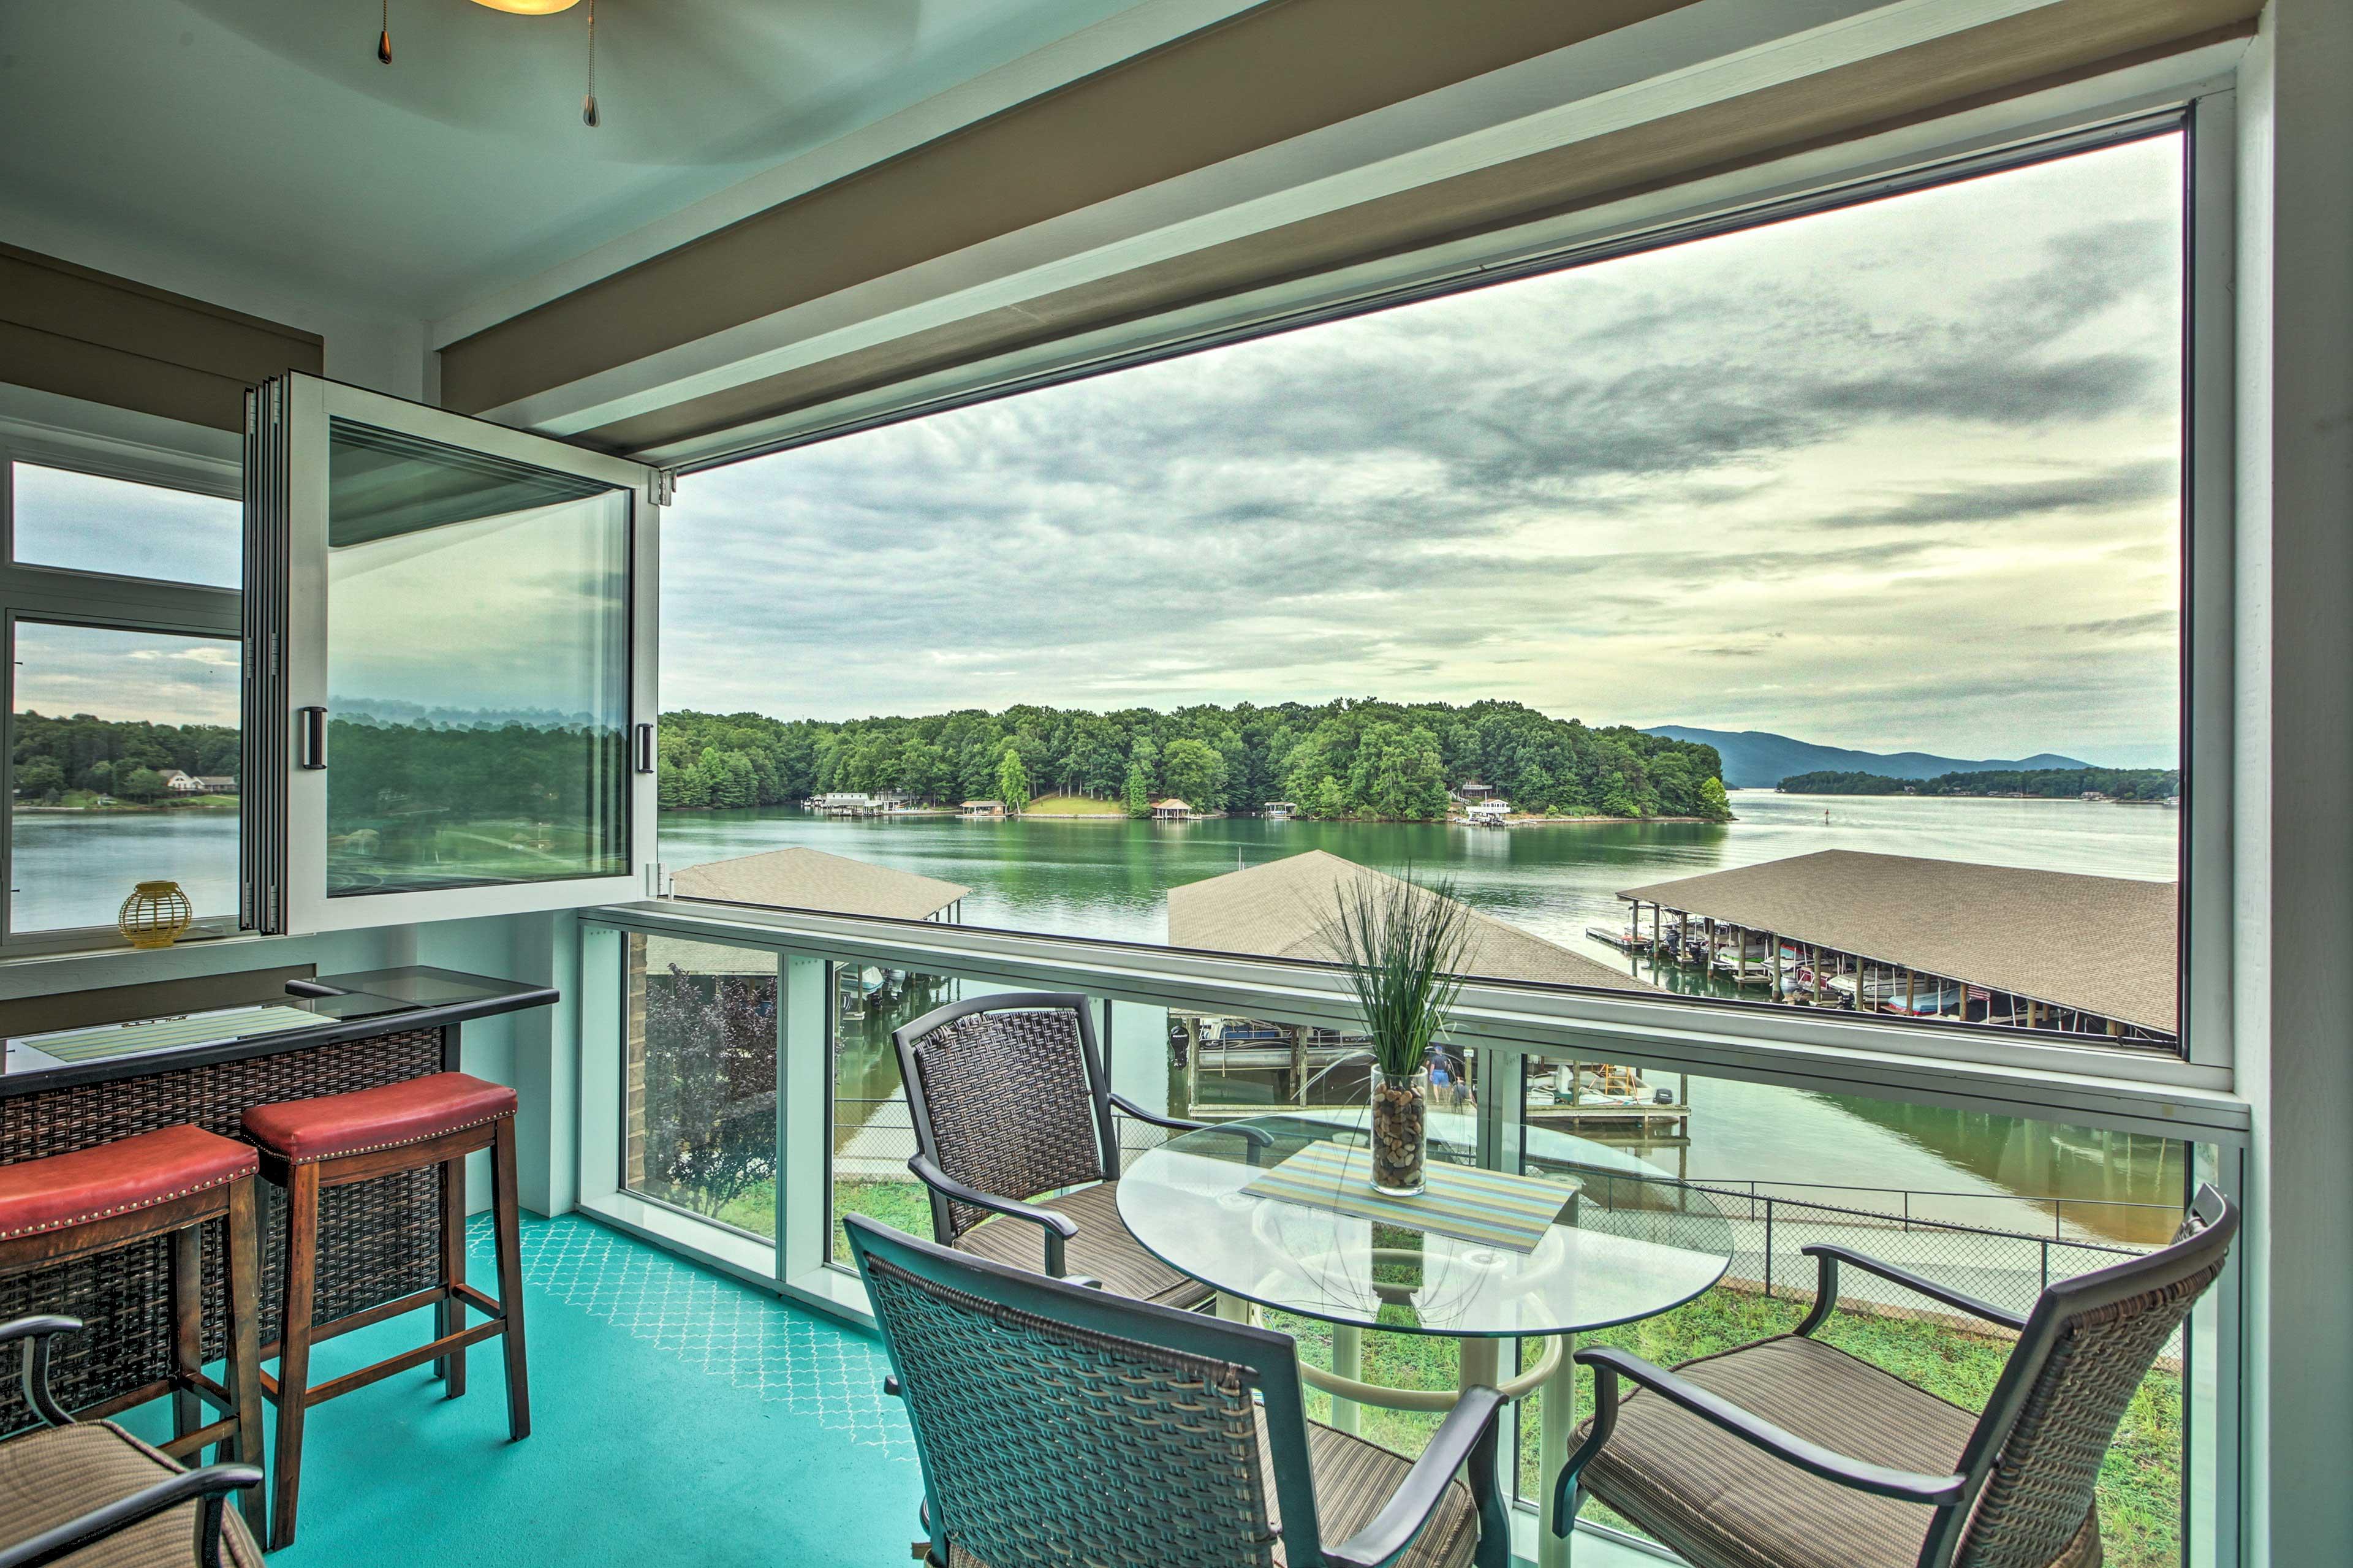 Enjoy lake and mountain views from this Huddleston vacation rental condo.